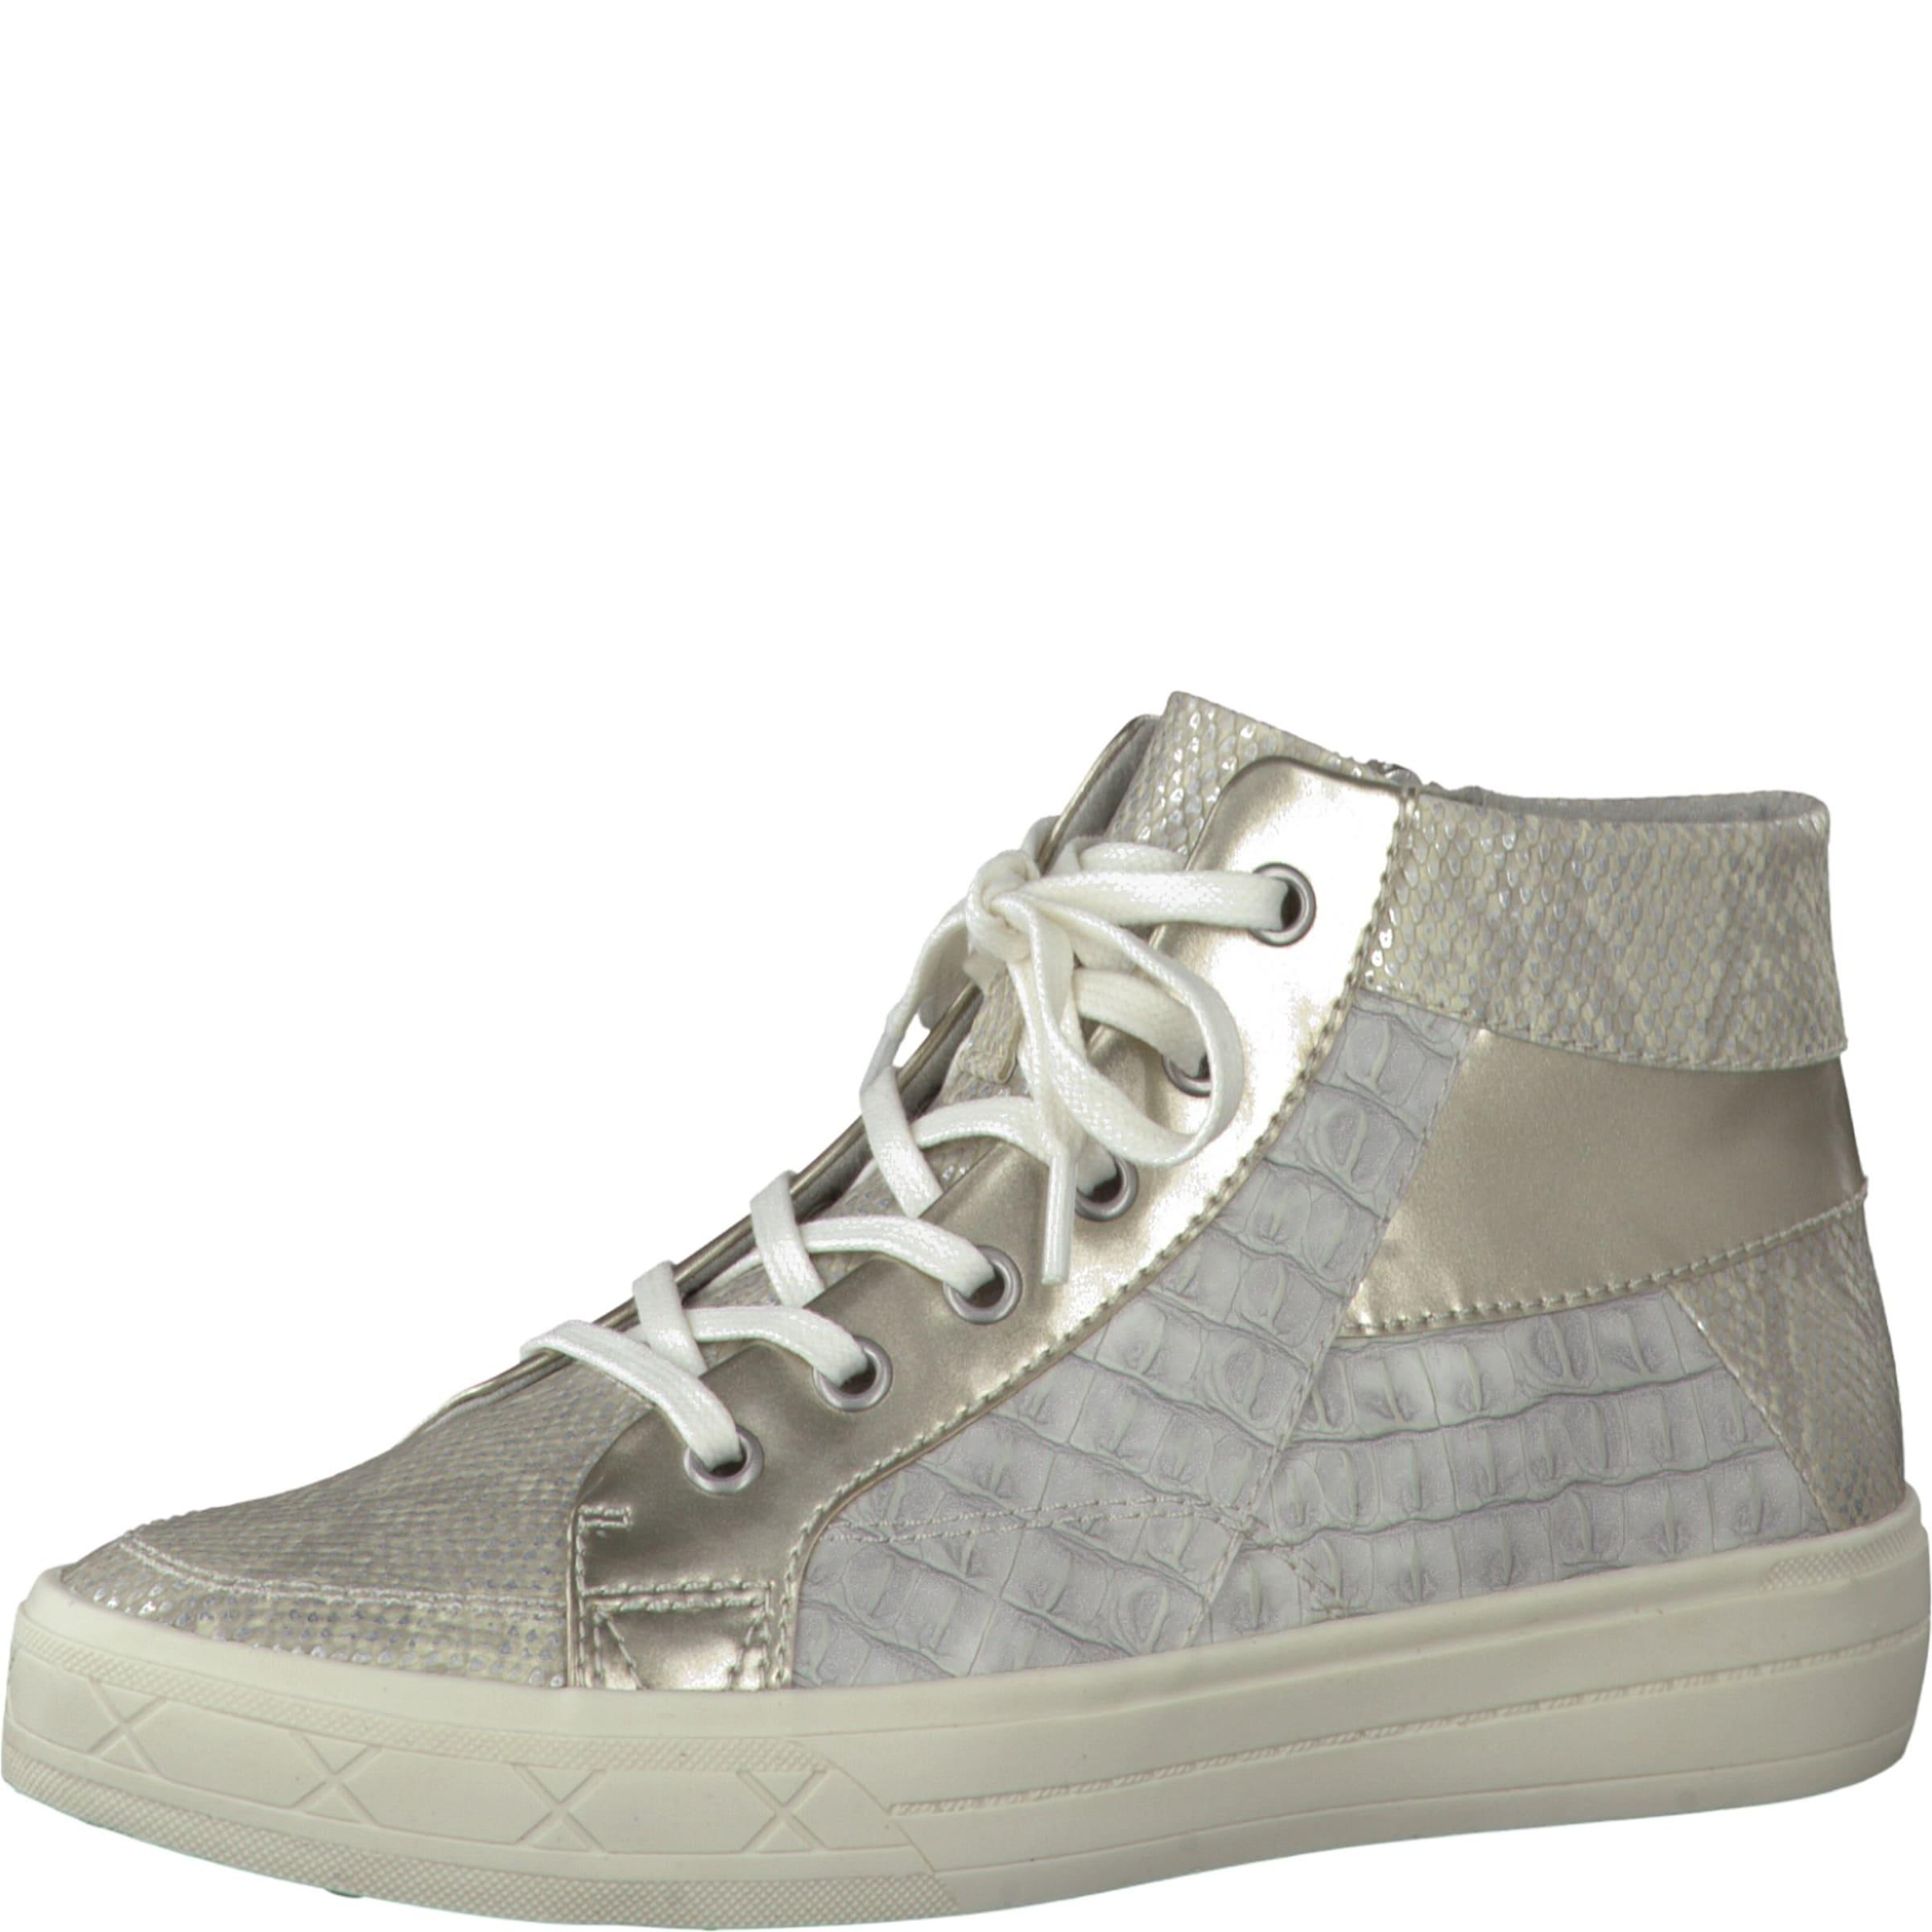 TAMARIS Sneaker High Günstige und langlebige Schuhe